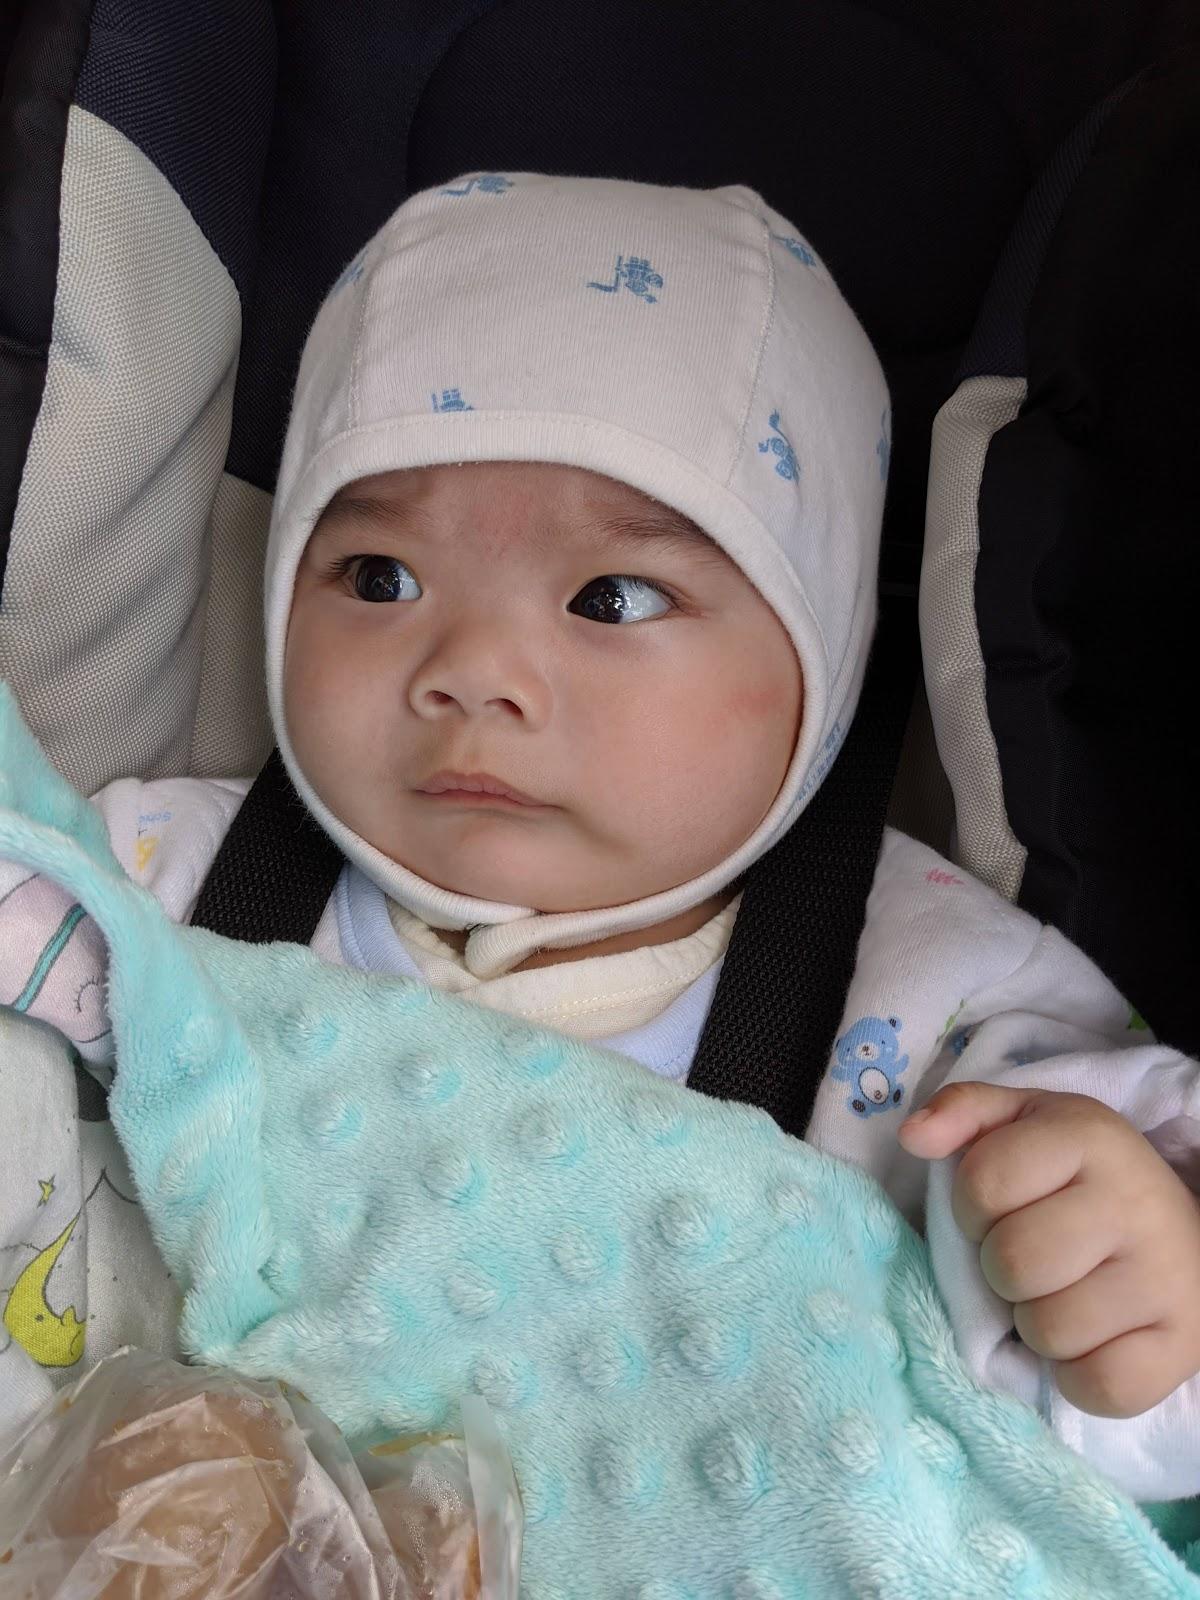 嬰兒愛皺眉頭? 可愛但擔心成習慣